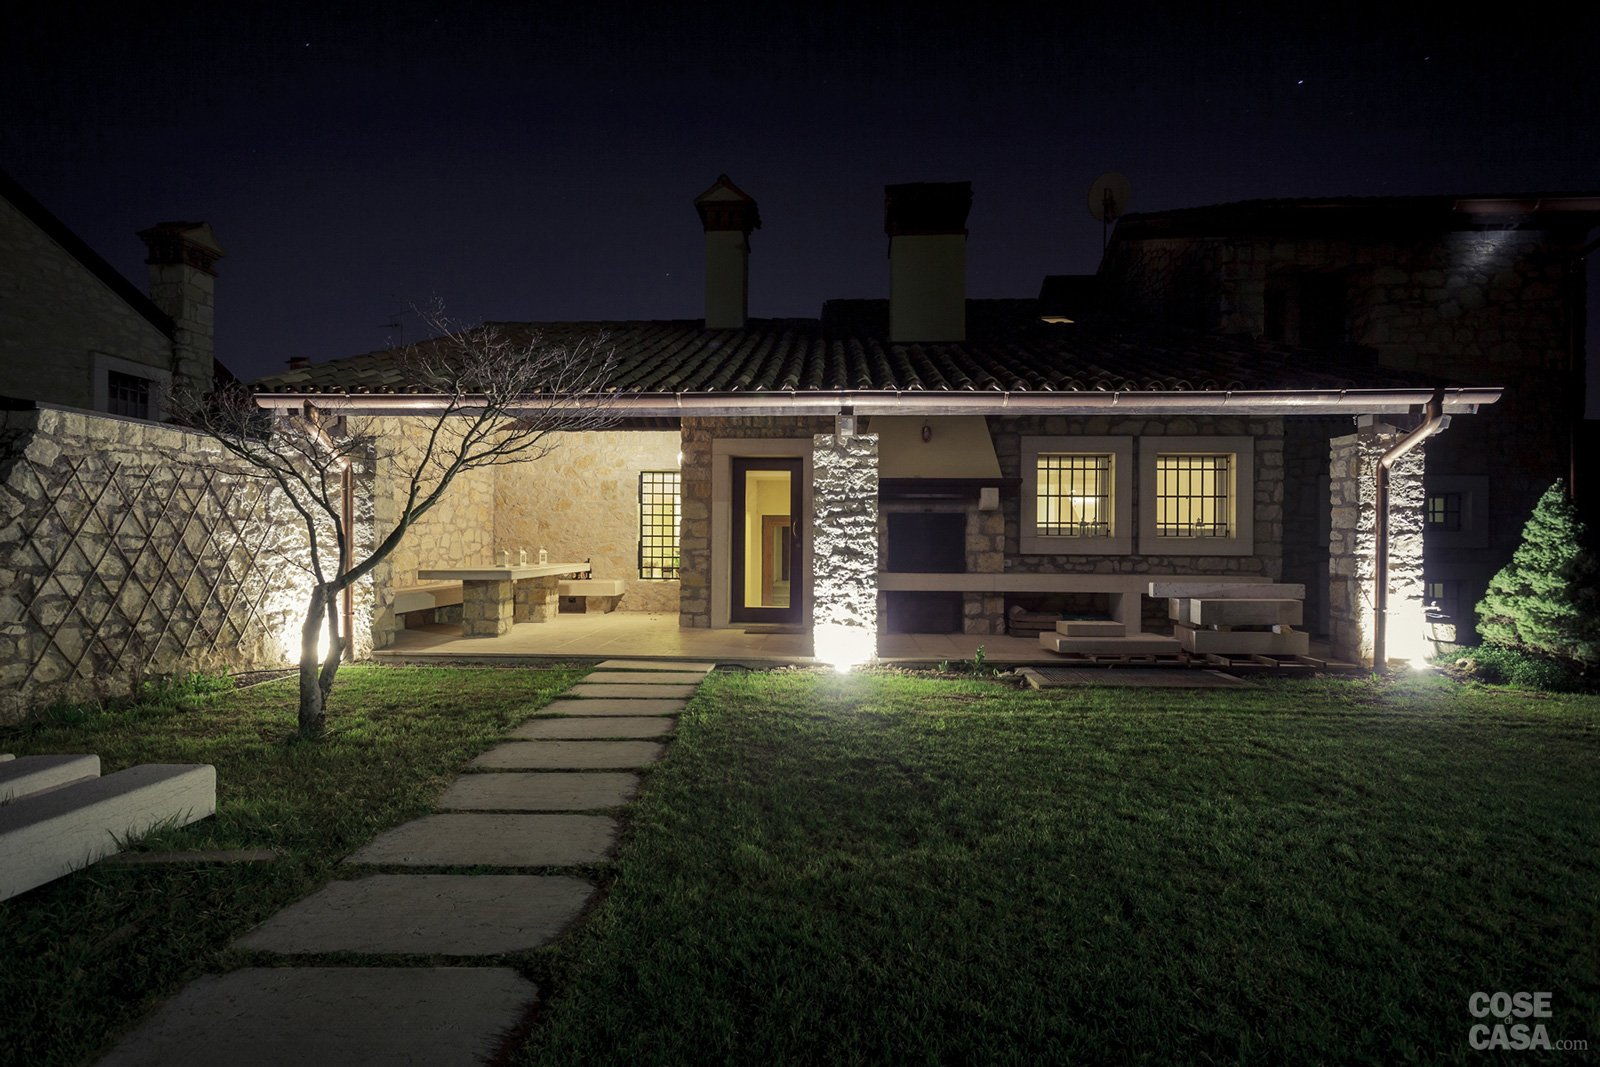 Una casa ristrutturata per il risparmio energetico cose di casa - Illuminazione in casa ...